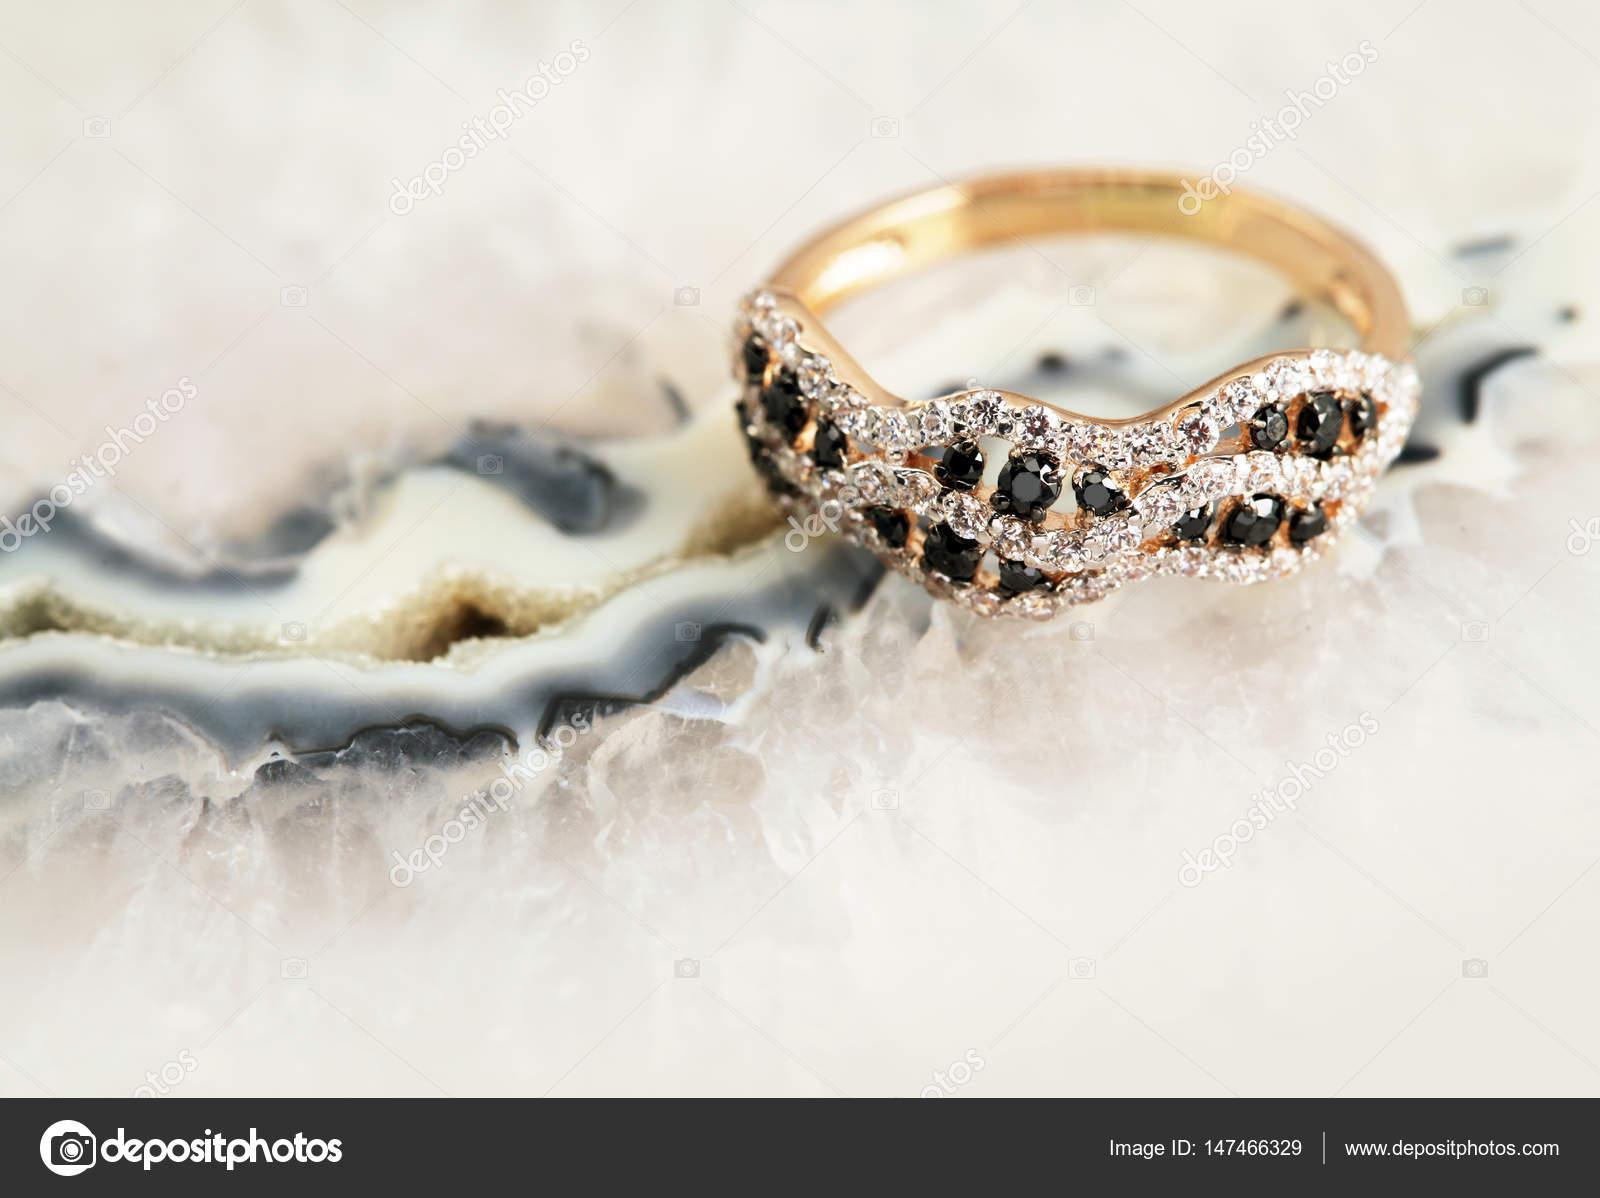 Κομψά Γυναικεία Κοσμήματα δαχτυλίδι κόσμημα πολύτιμων λίθων πέτρα διαμάντια  — Εικόνα από elenstudio 5837959bb5c